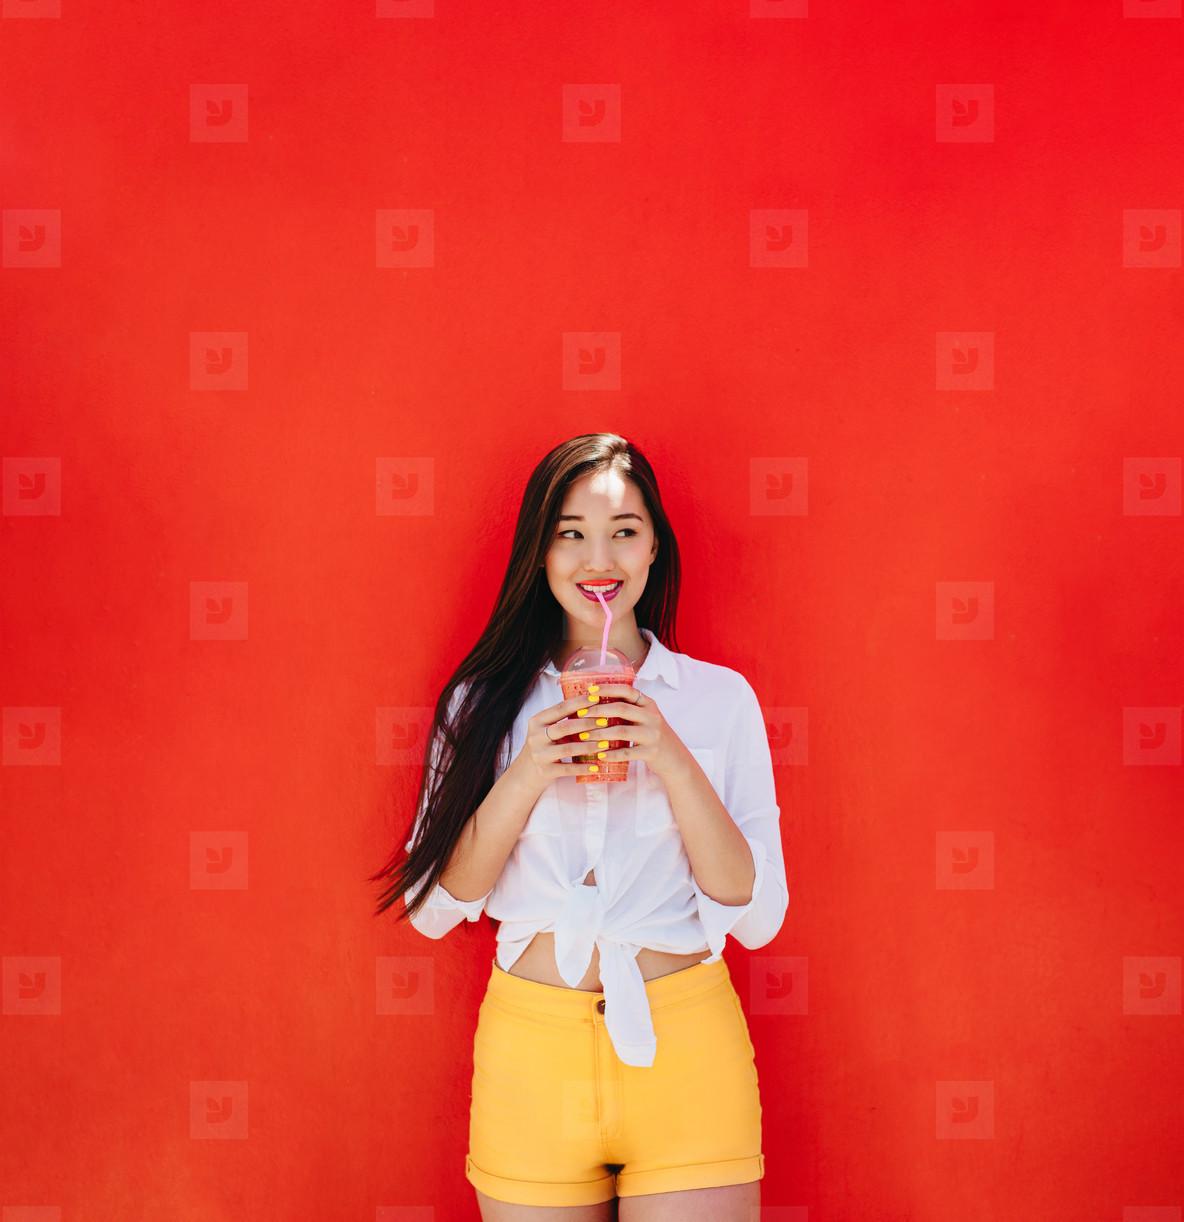 Smiling woman enjoying a smoothie